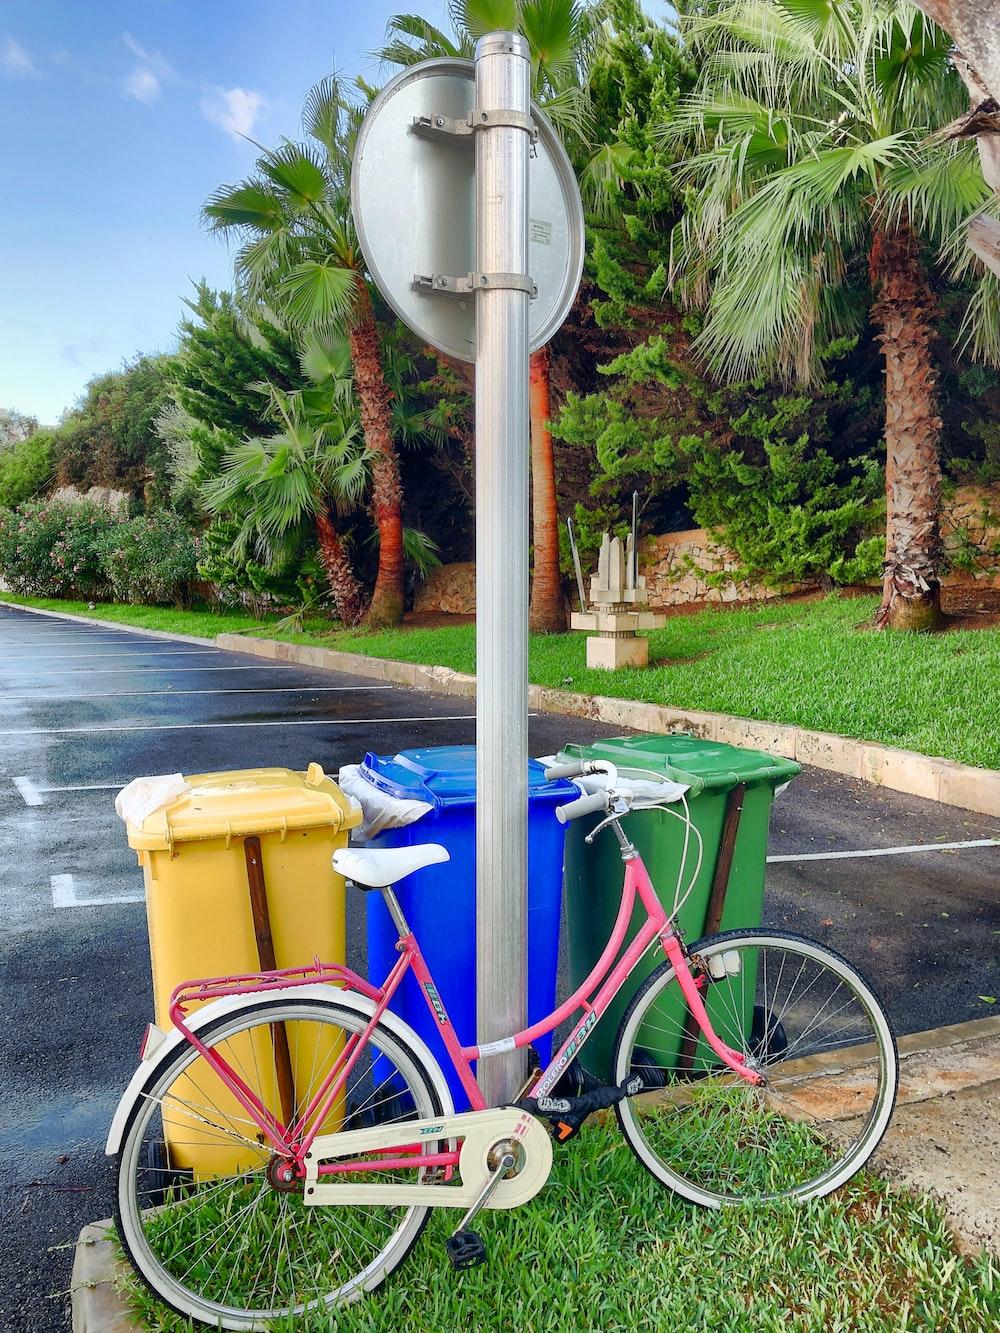 pink step-through bike parked beside garbage bins during daytime